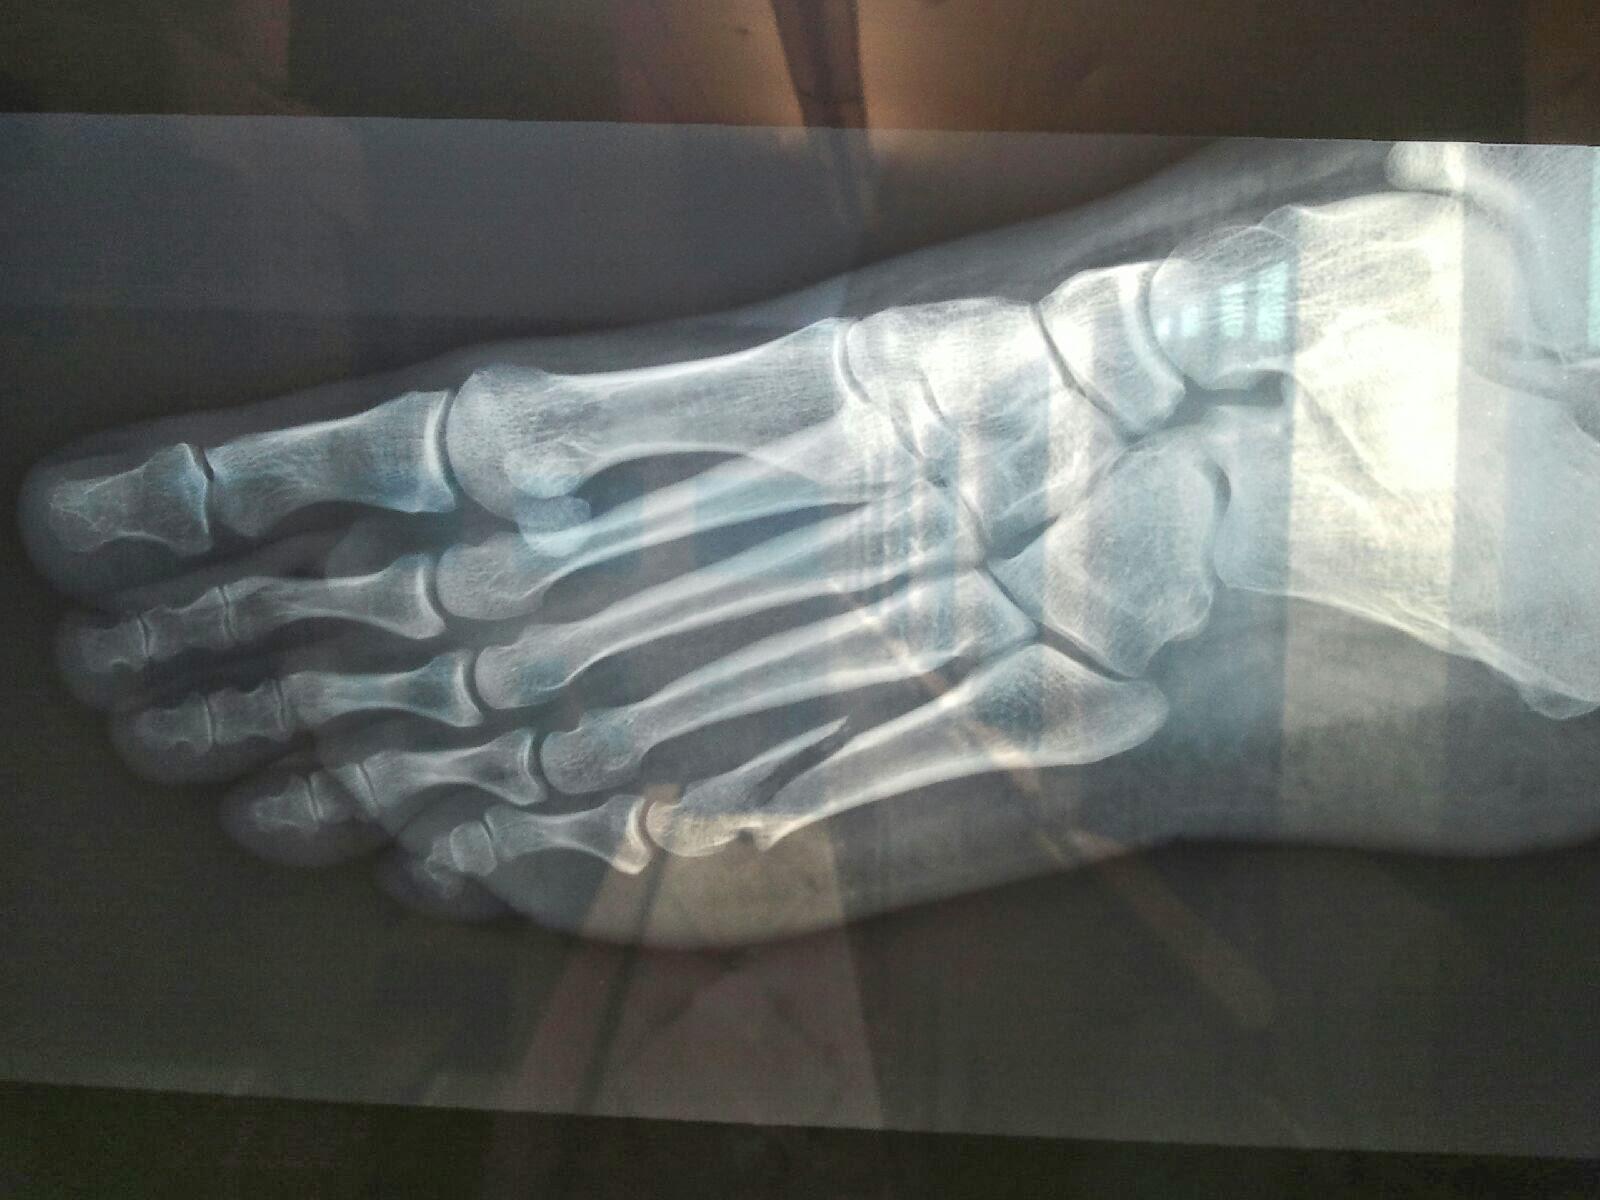 Do I Need an X-Ray?